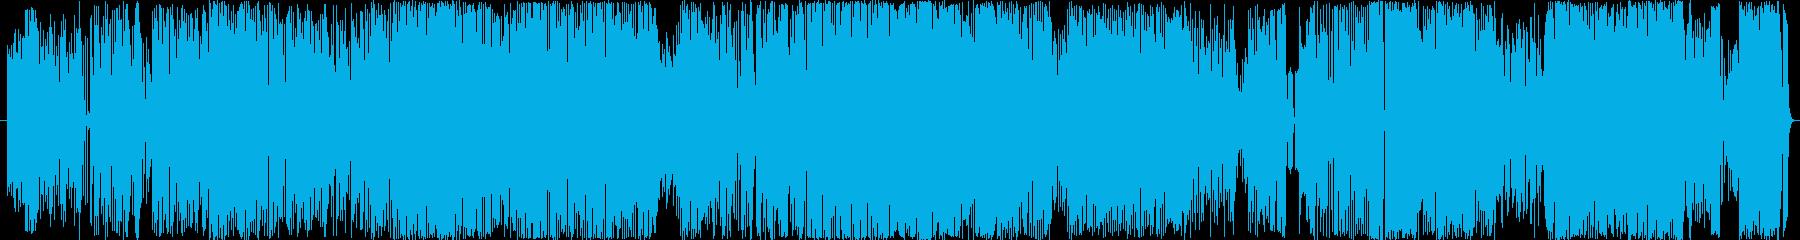 ケセラセラの再生済みの波形